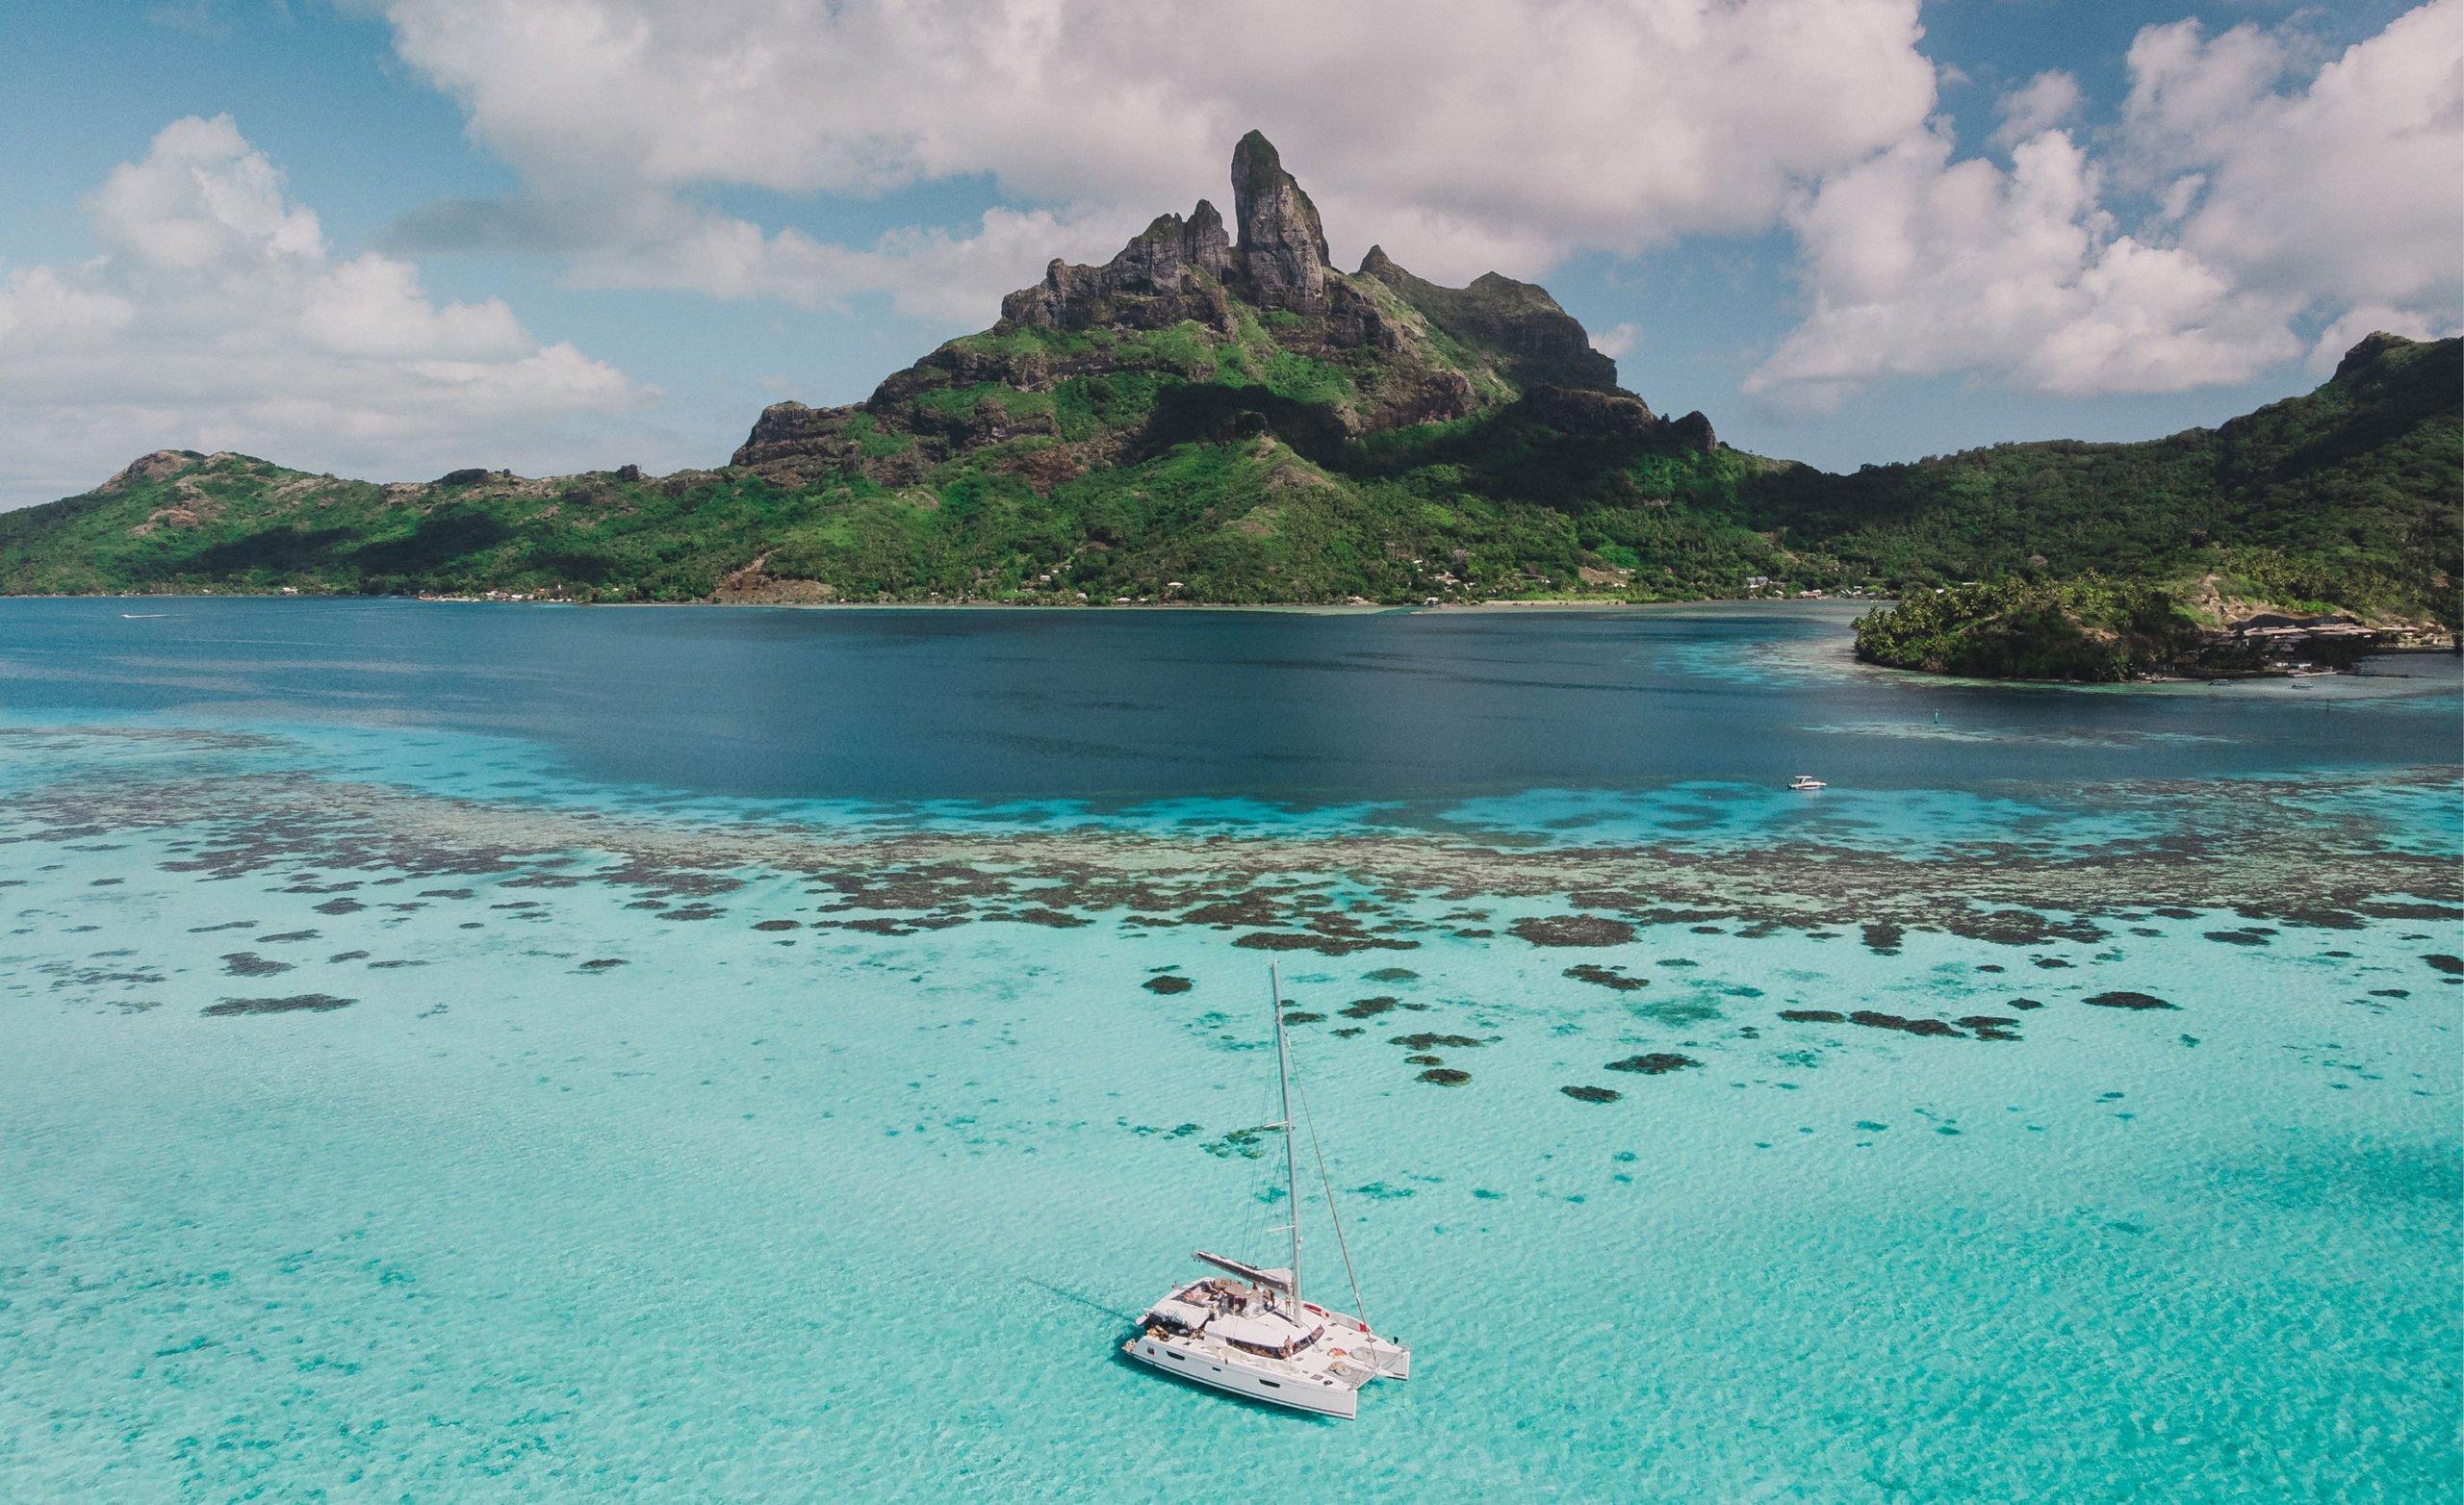 Bora Bora island and boat scenic